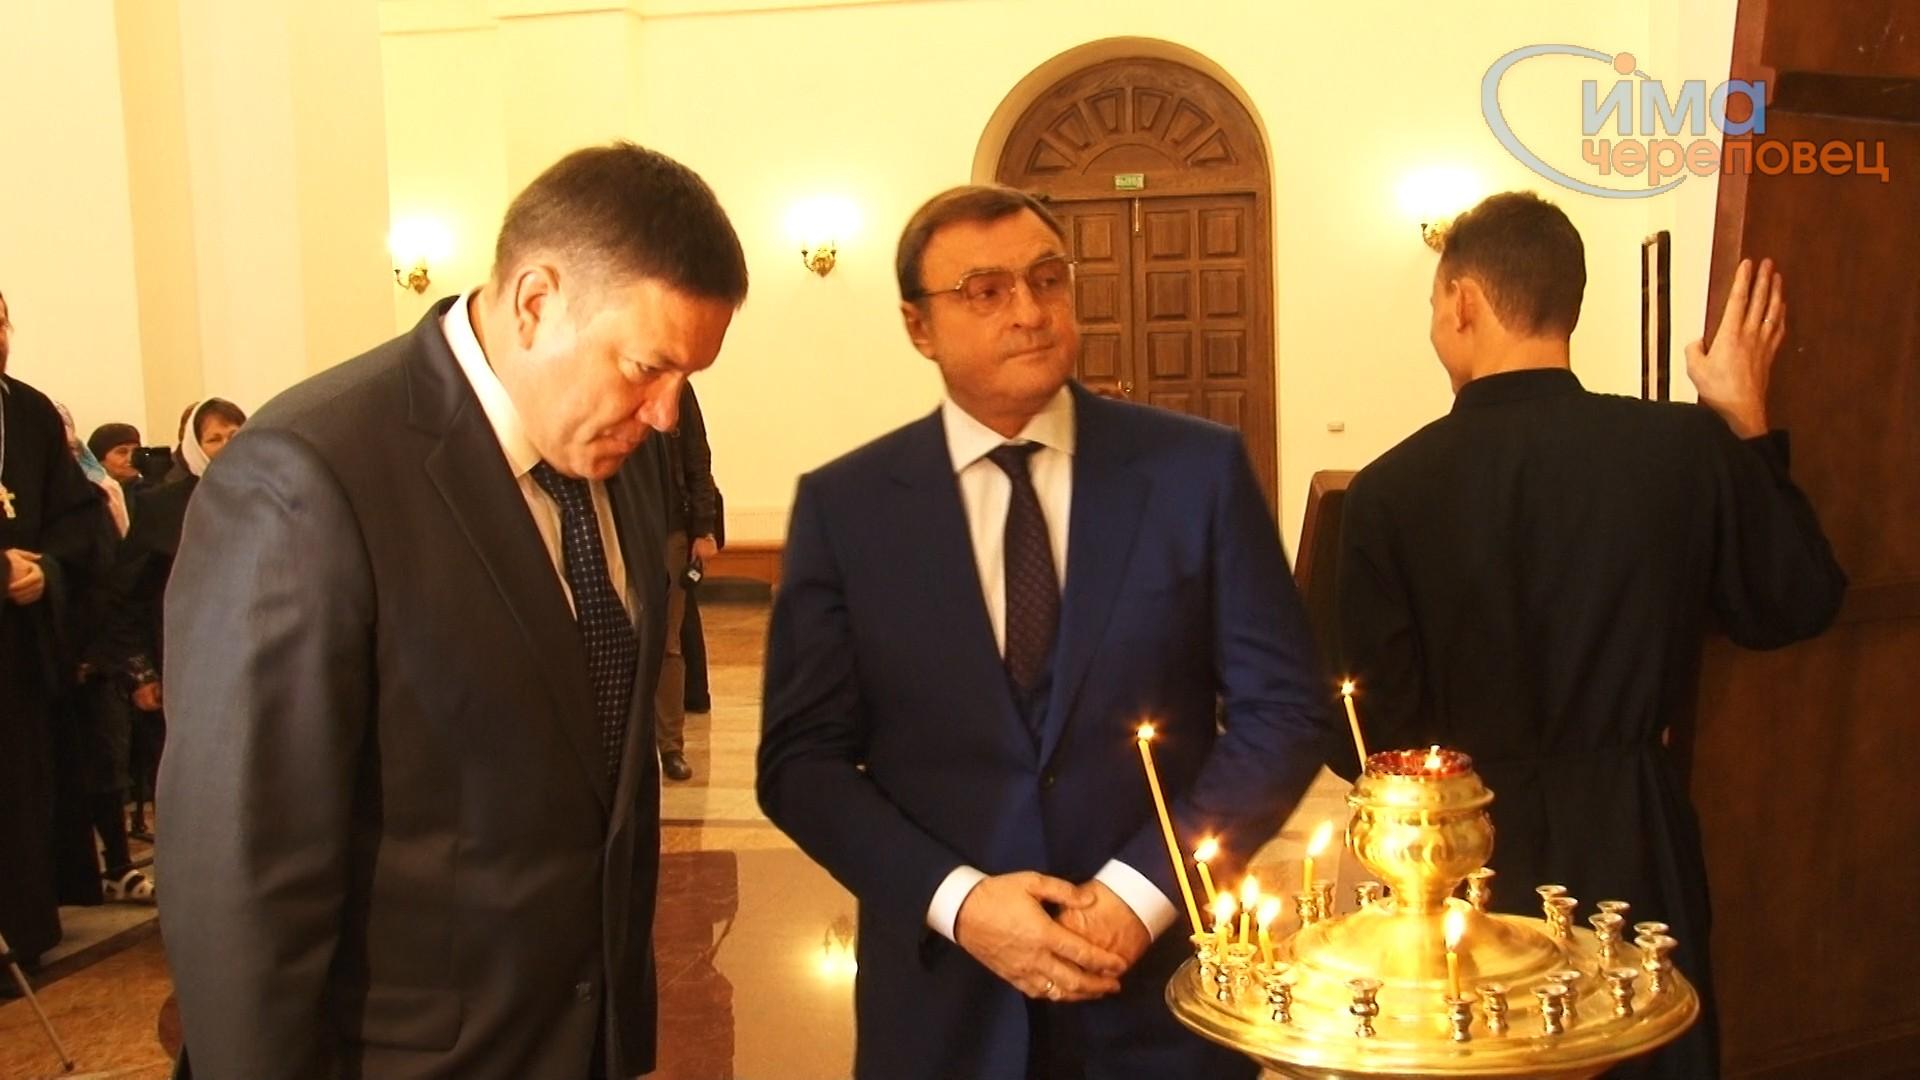 11-10-2013-gubernator-v-hrame-still003